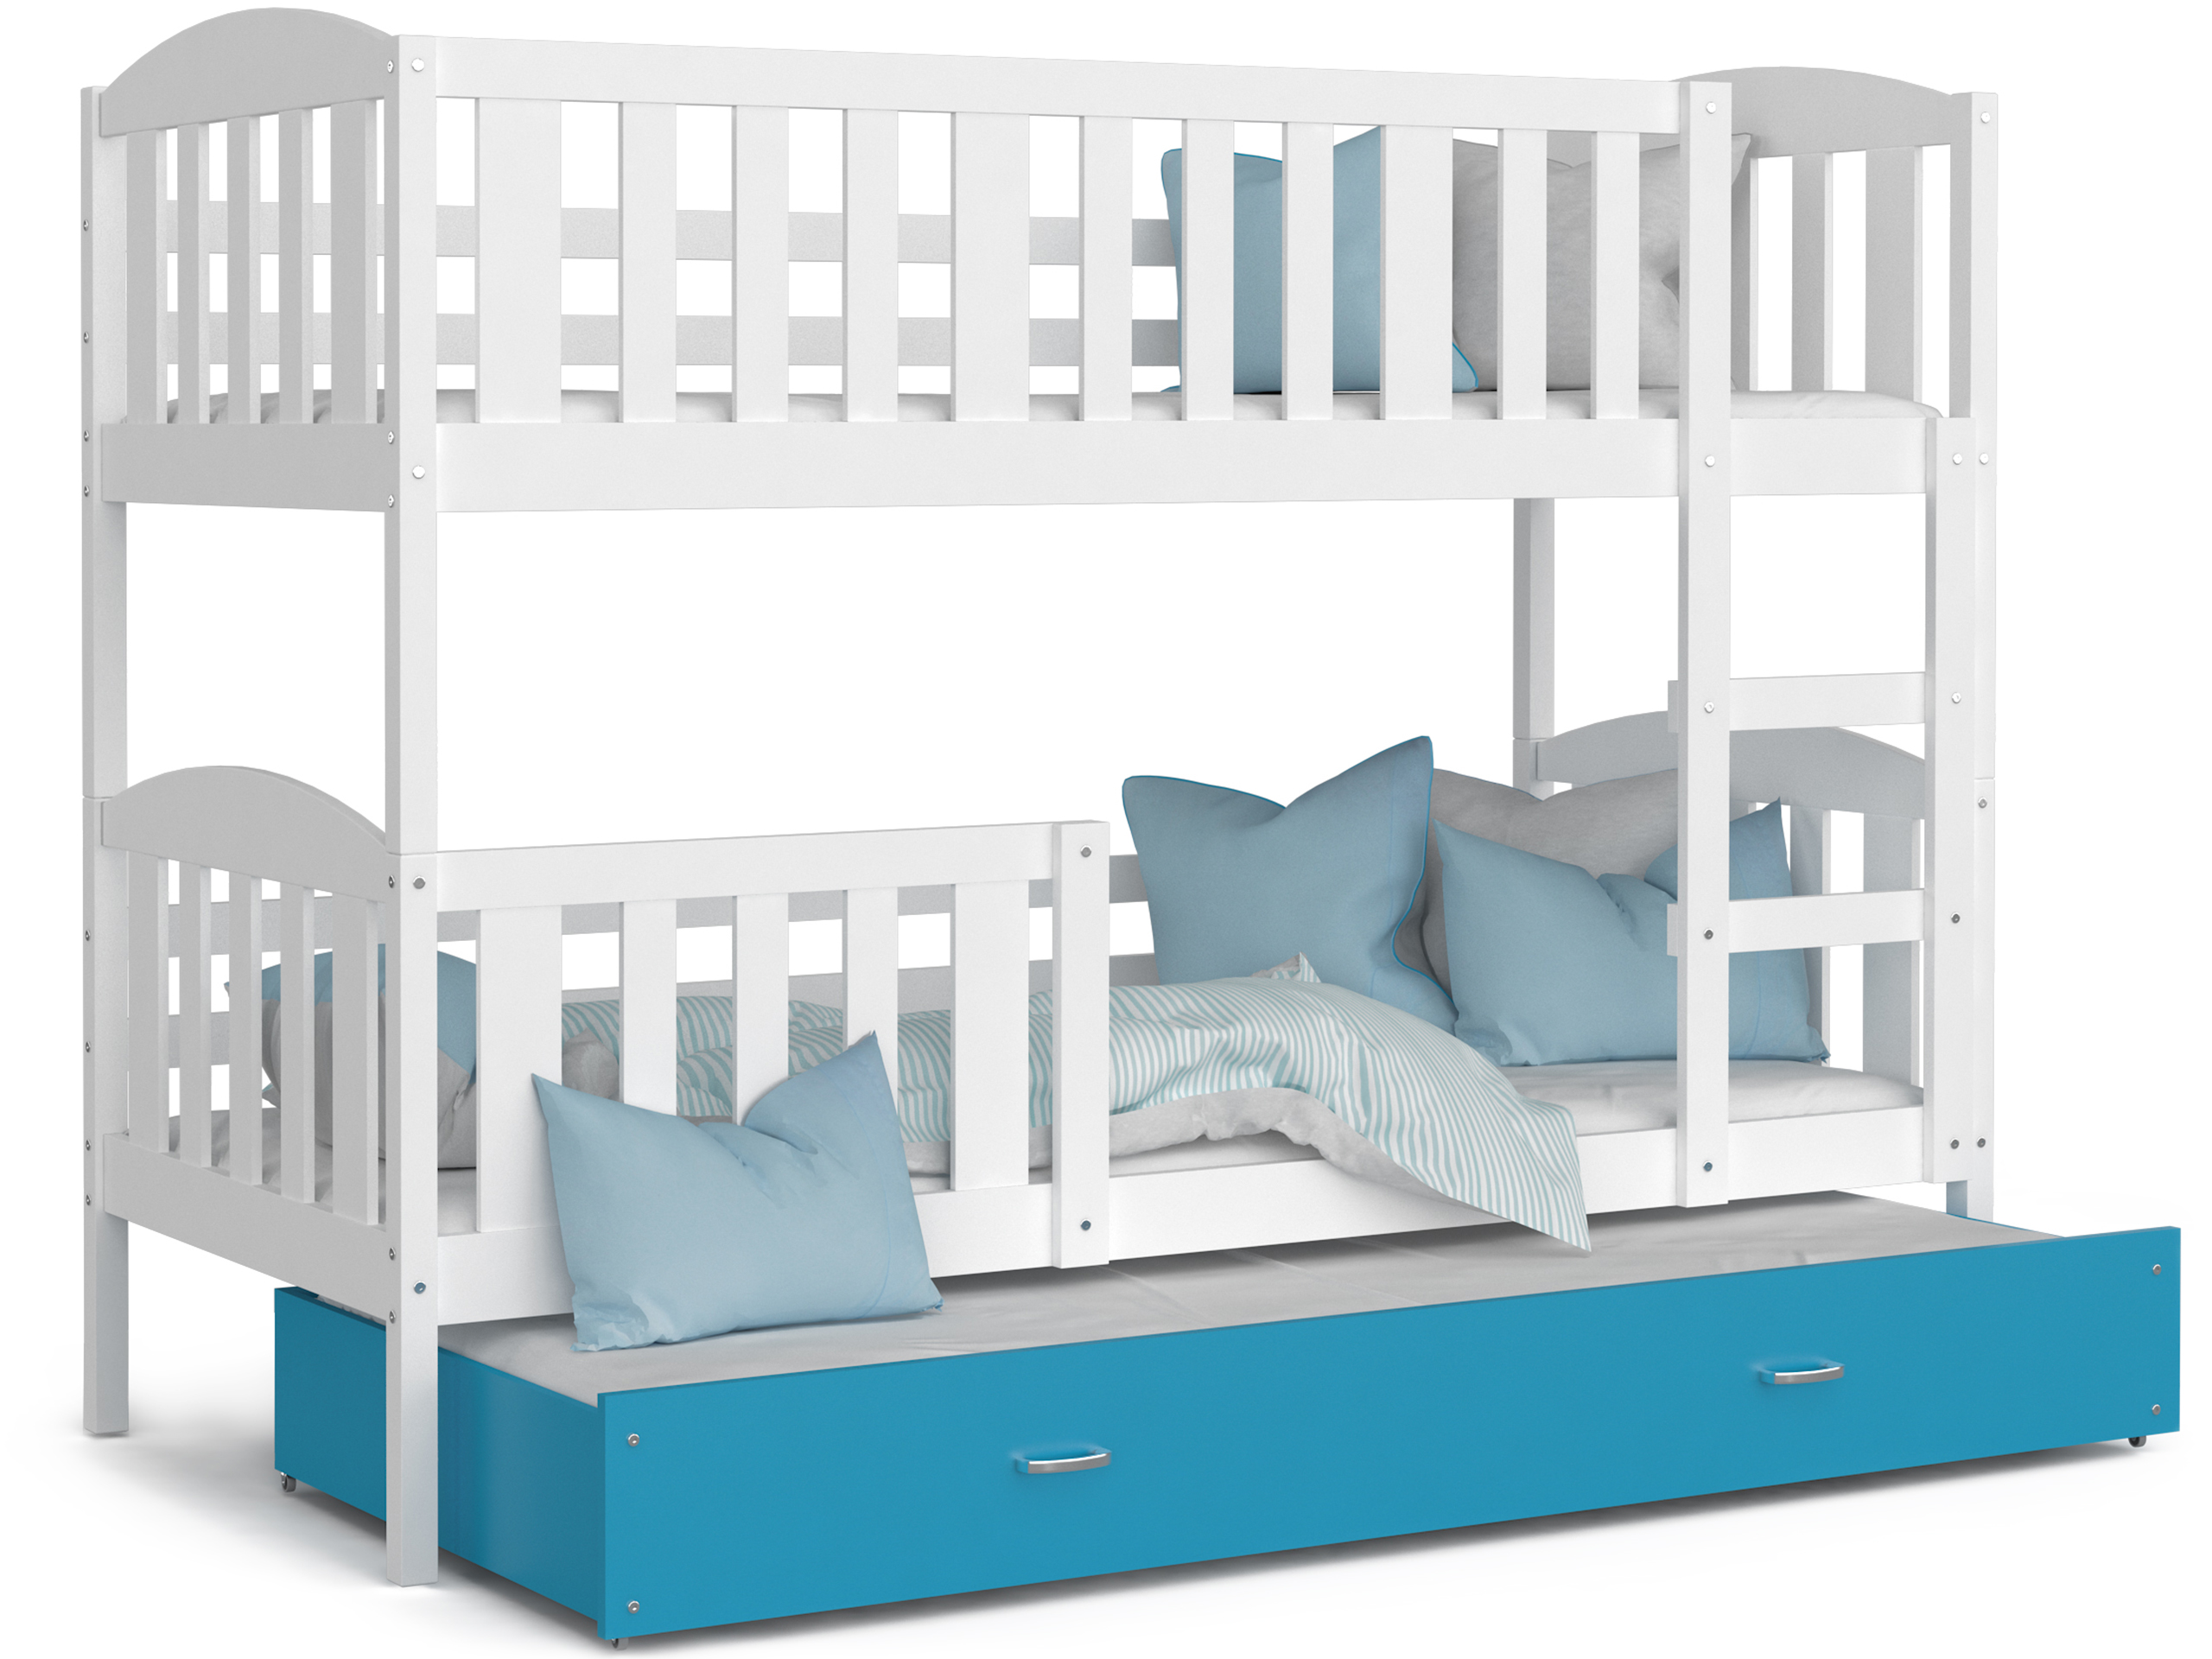 ArtAJ Detská poschodová posteľ Kubuš 3 | 190 x 80 cm Farba: biela / modrá, Prevedenie: bez matraca, Rozmer, materiál: MDF